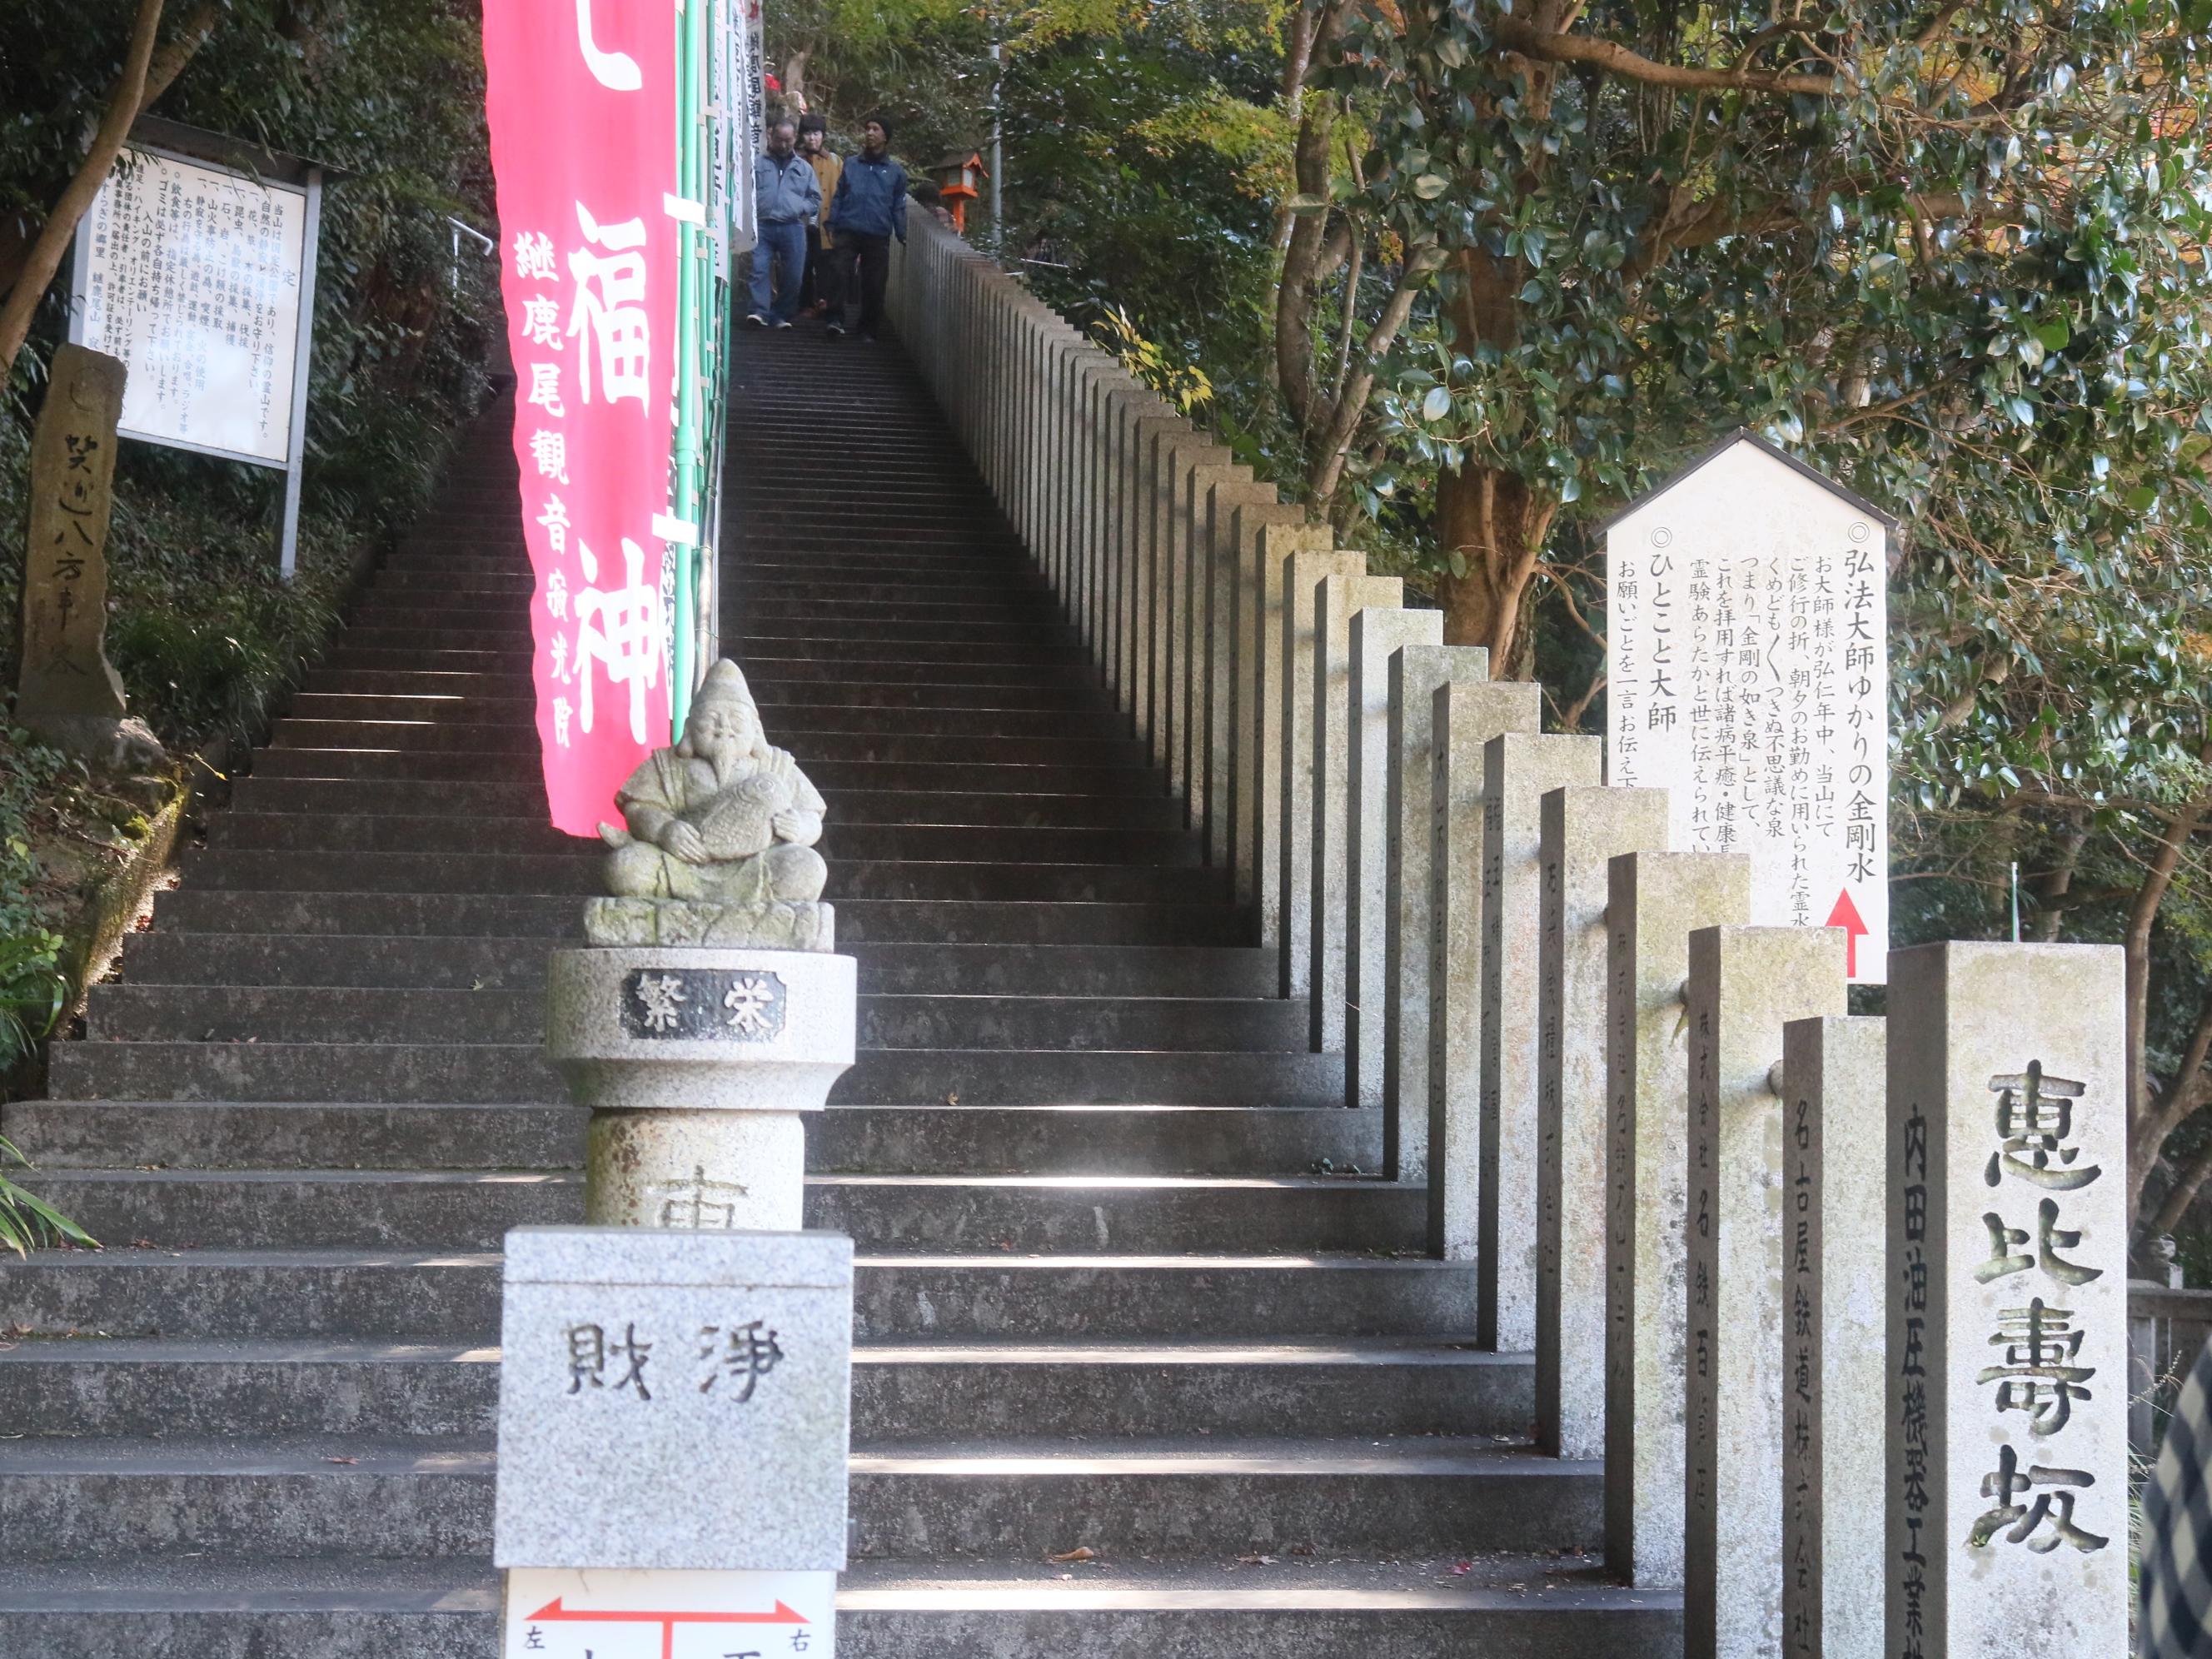 七福坂入り口